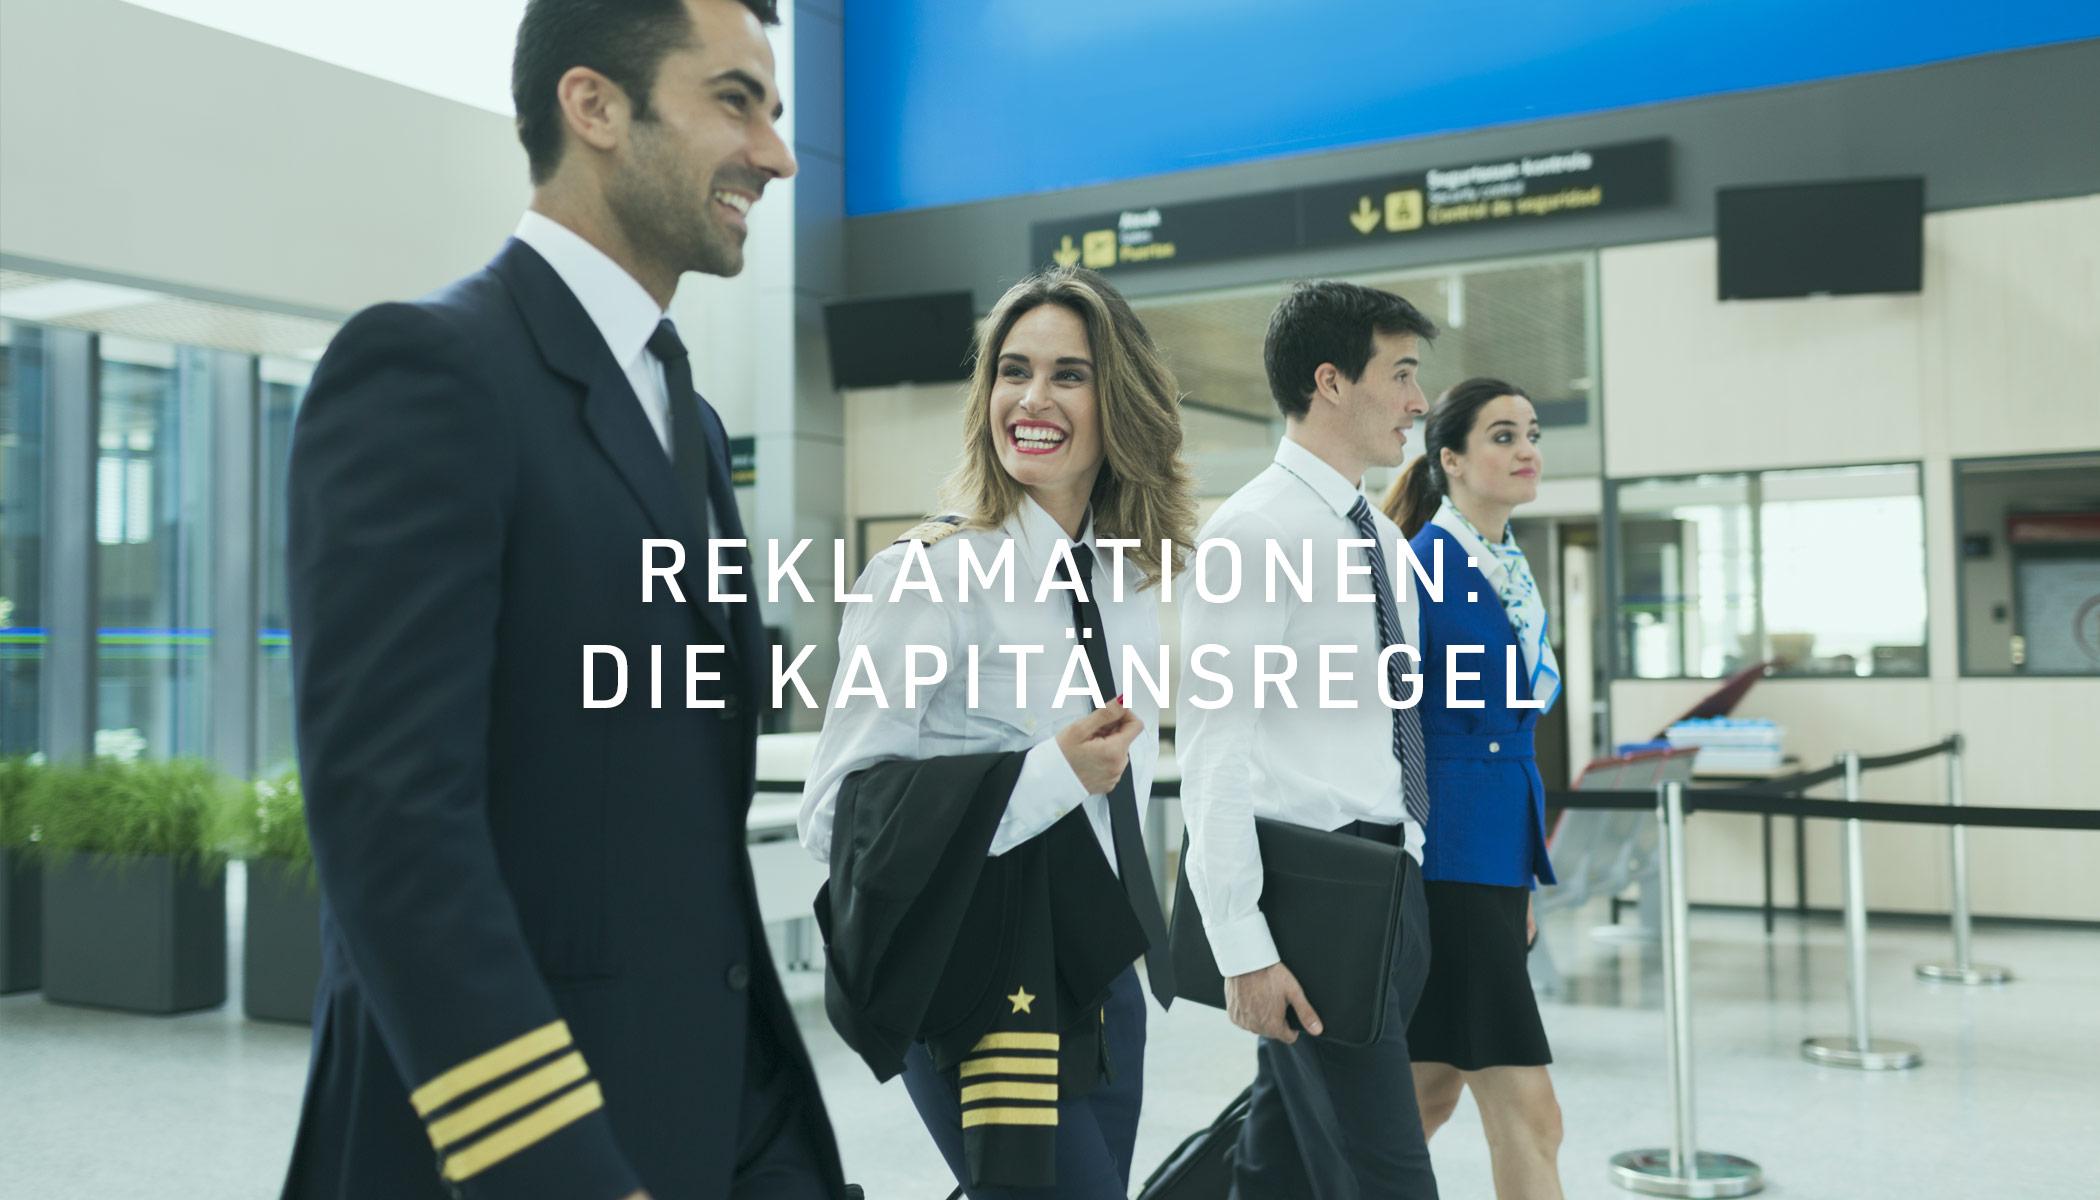 Reklamation und die Kapitänsregel